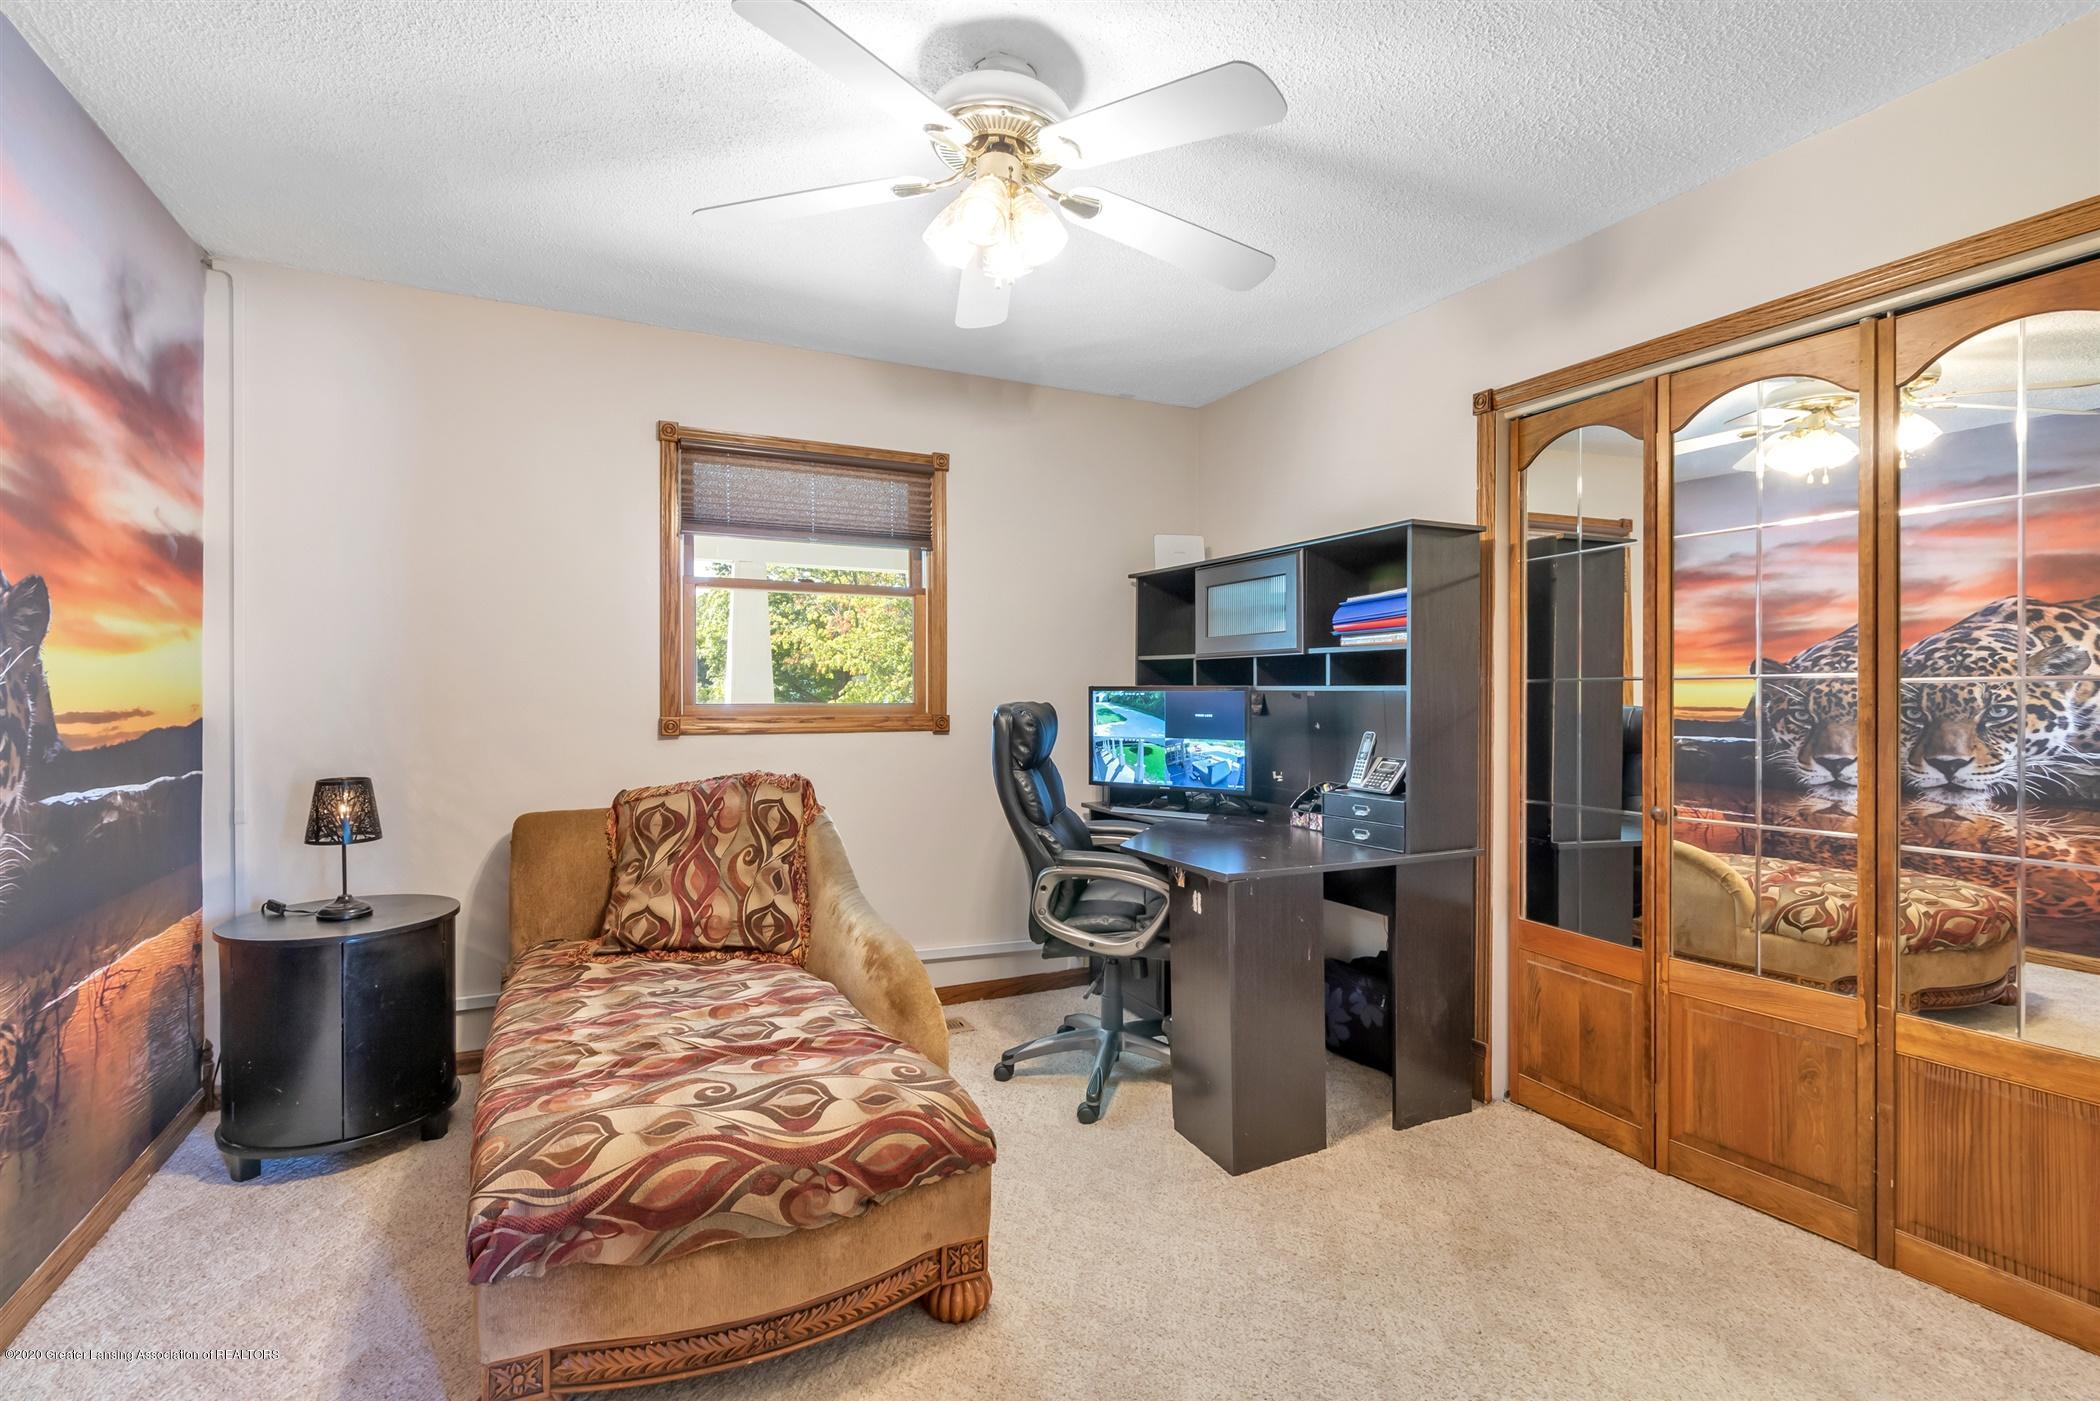 7346 W Cutler Rd - OFFICE - 16